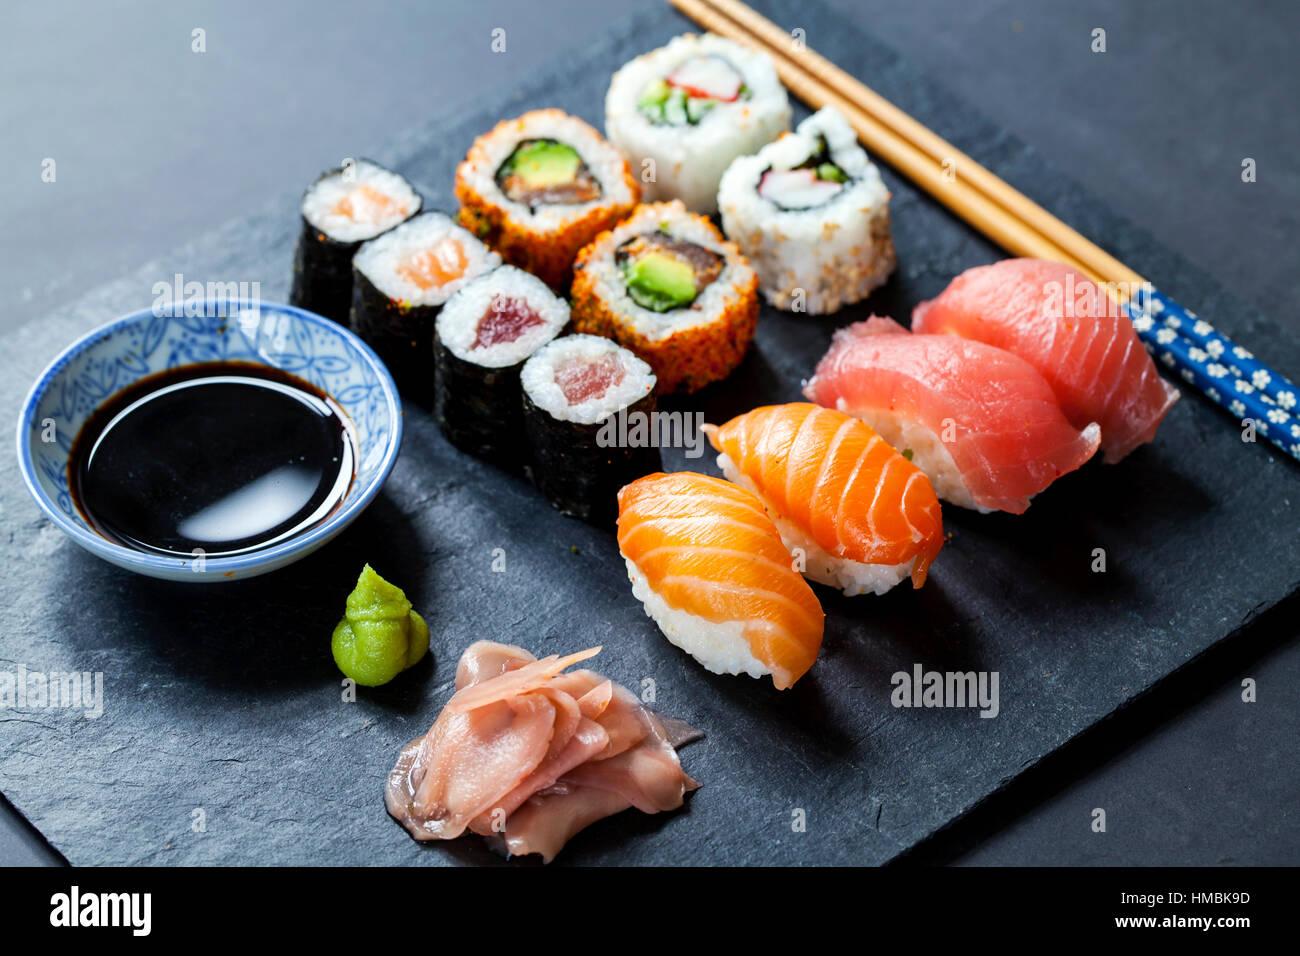 Salmone e sushi di tonno su nero piastra di ardesia Immagini Stock